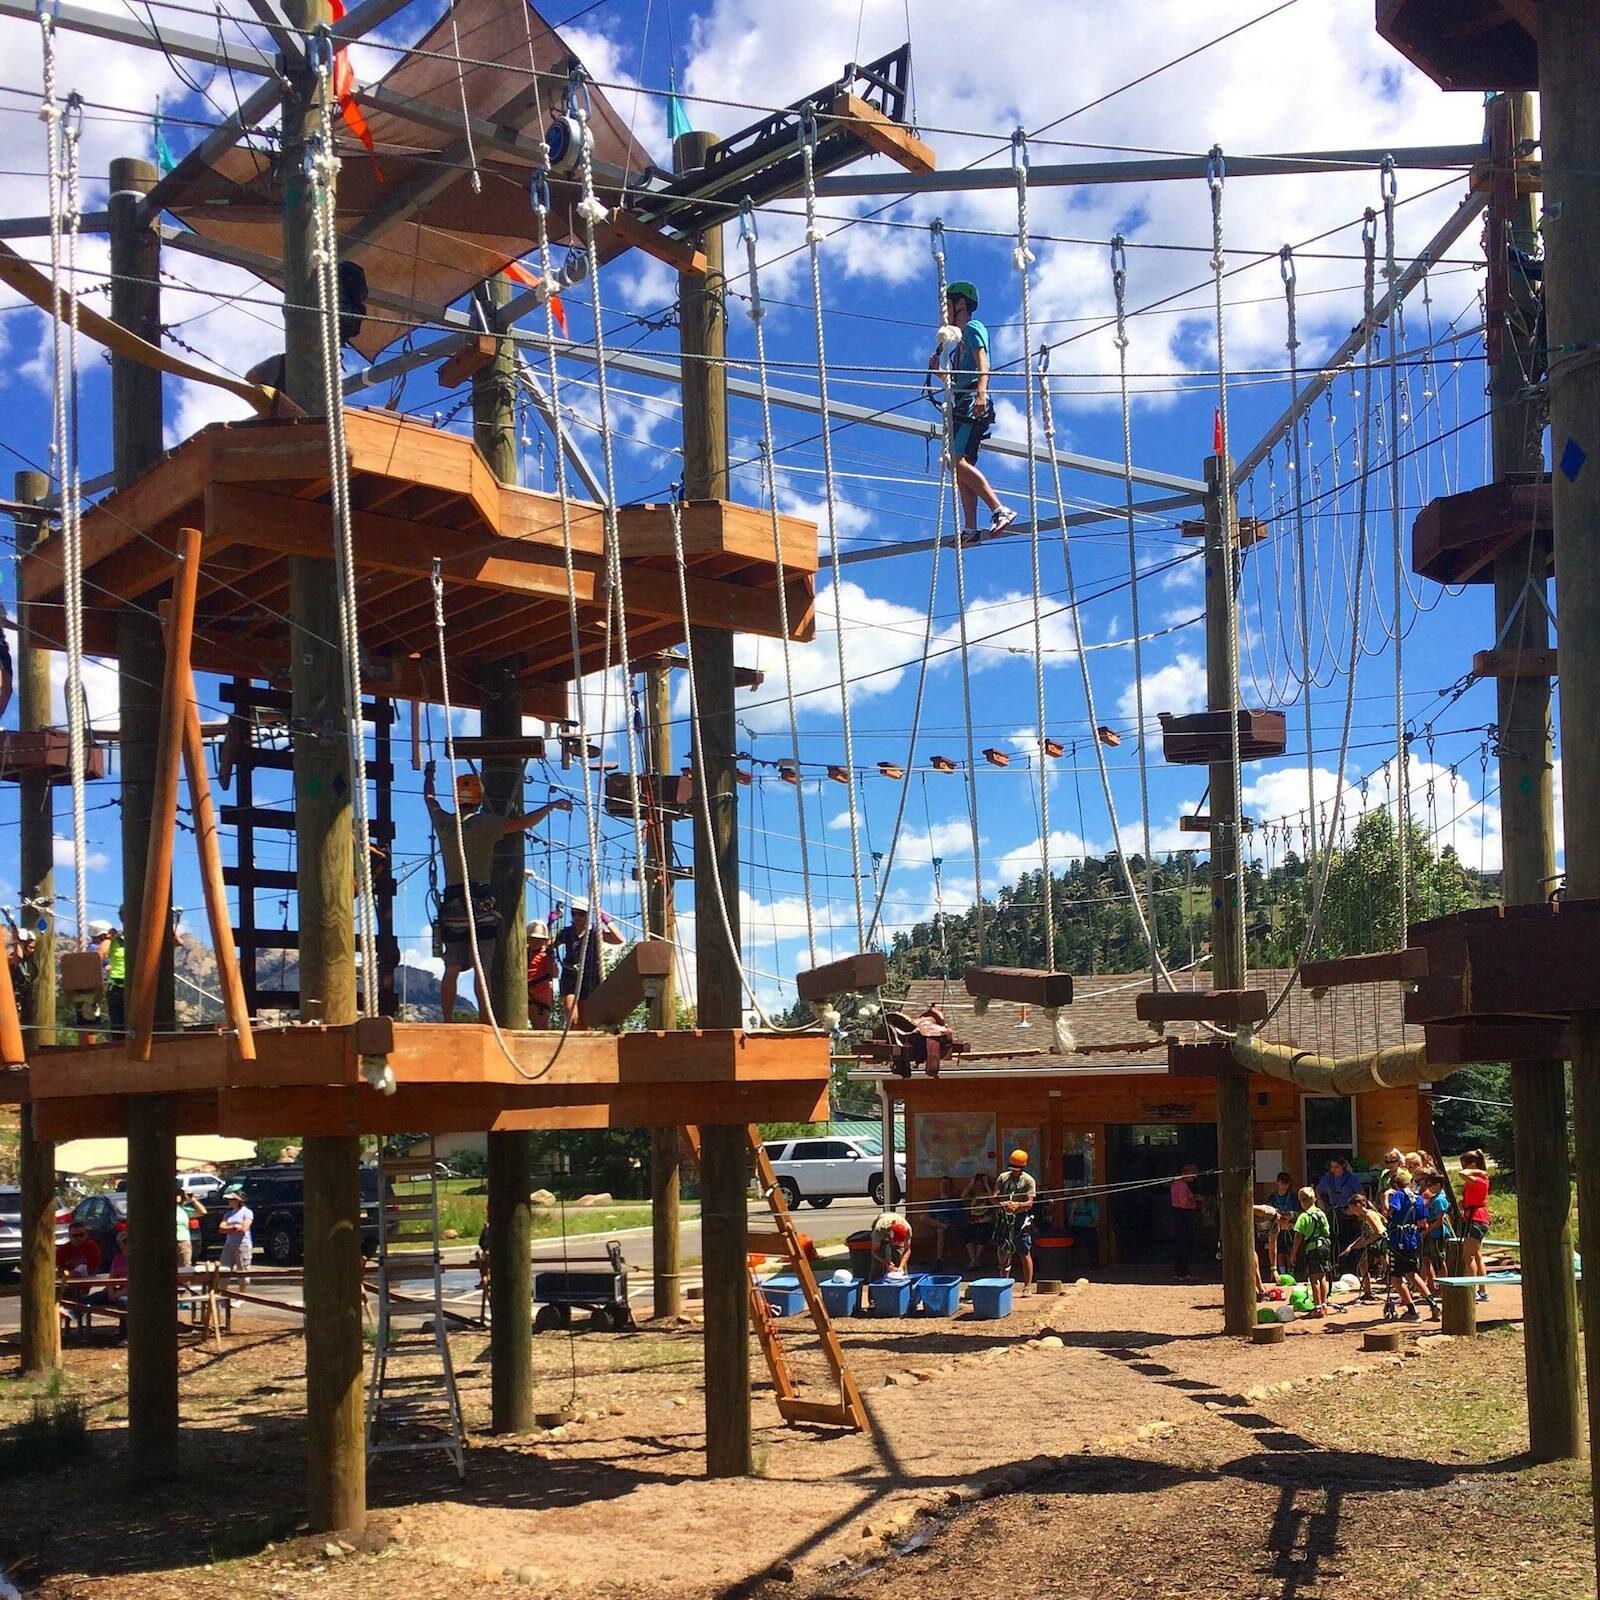 Open Air Adventure Park, CO